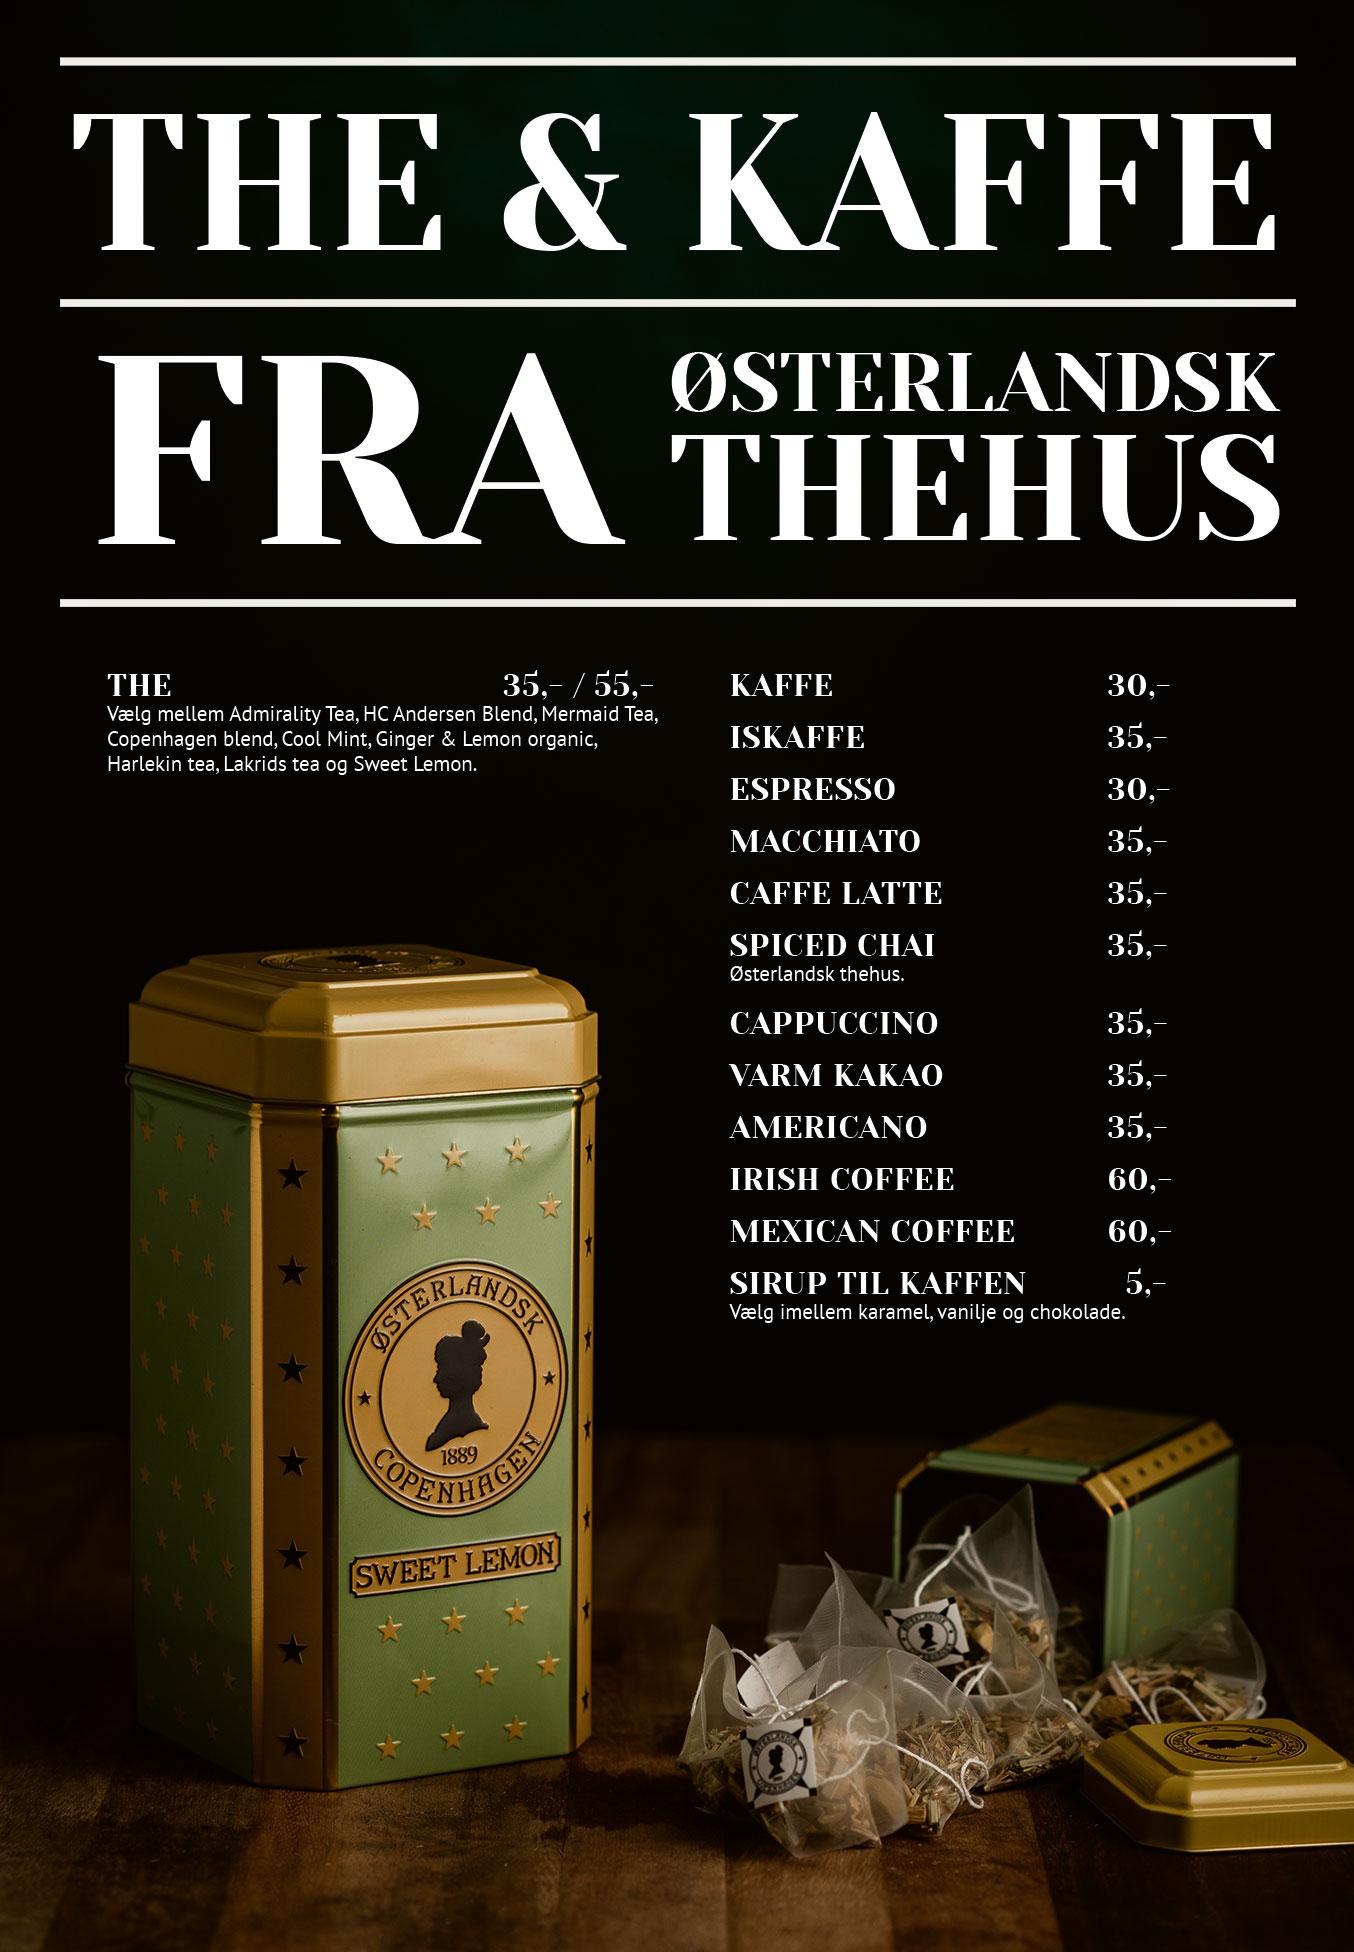 Side 7: The og kaffe fra østerlandsk thehus